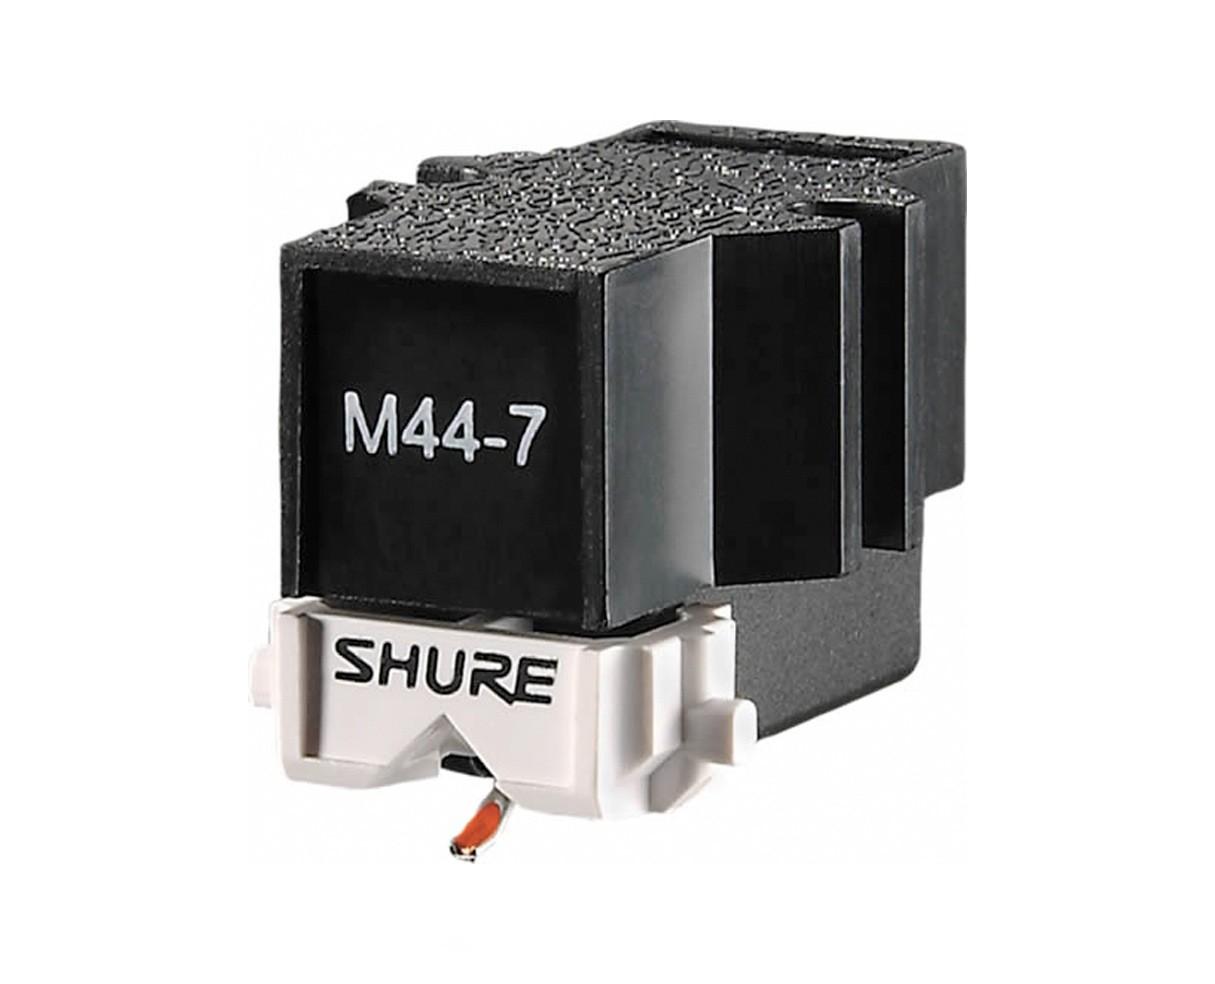 Головки звукоснимателя Shure от Pult.RU